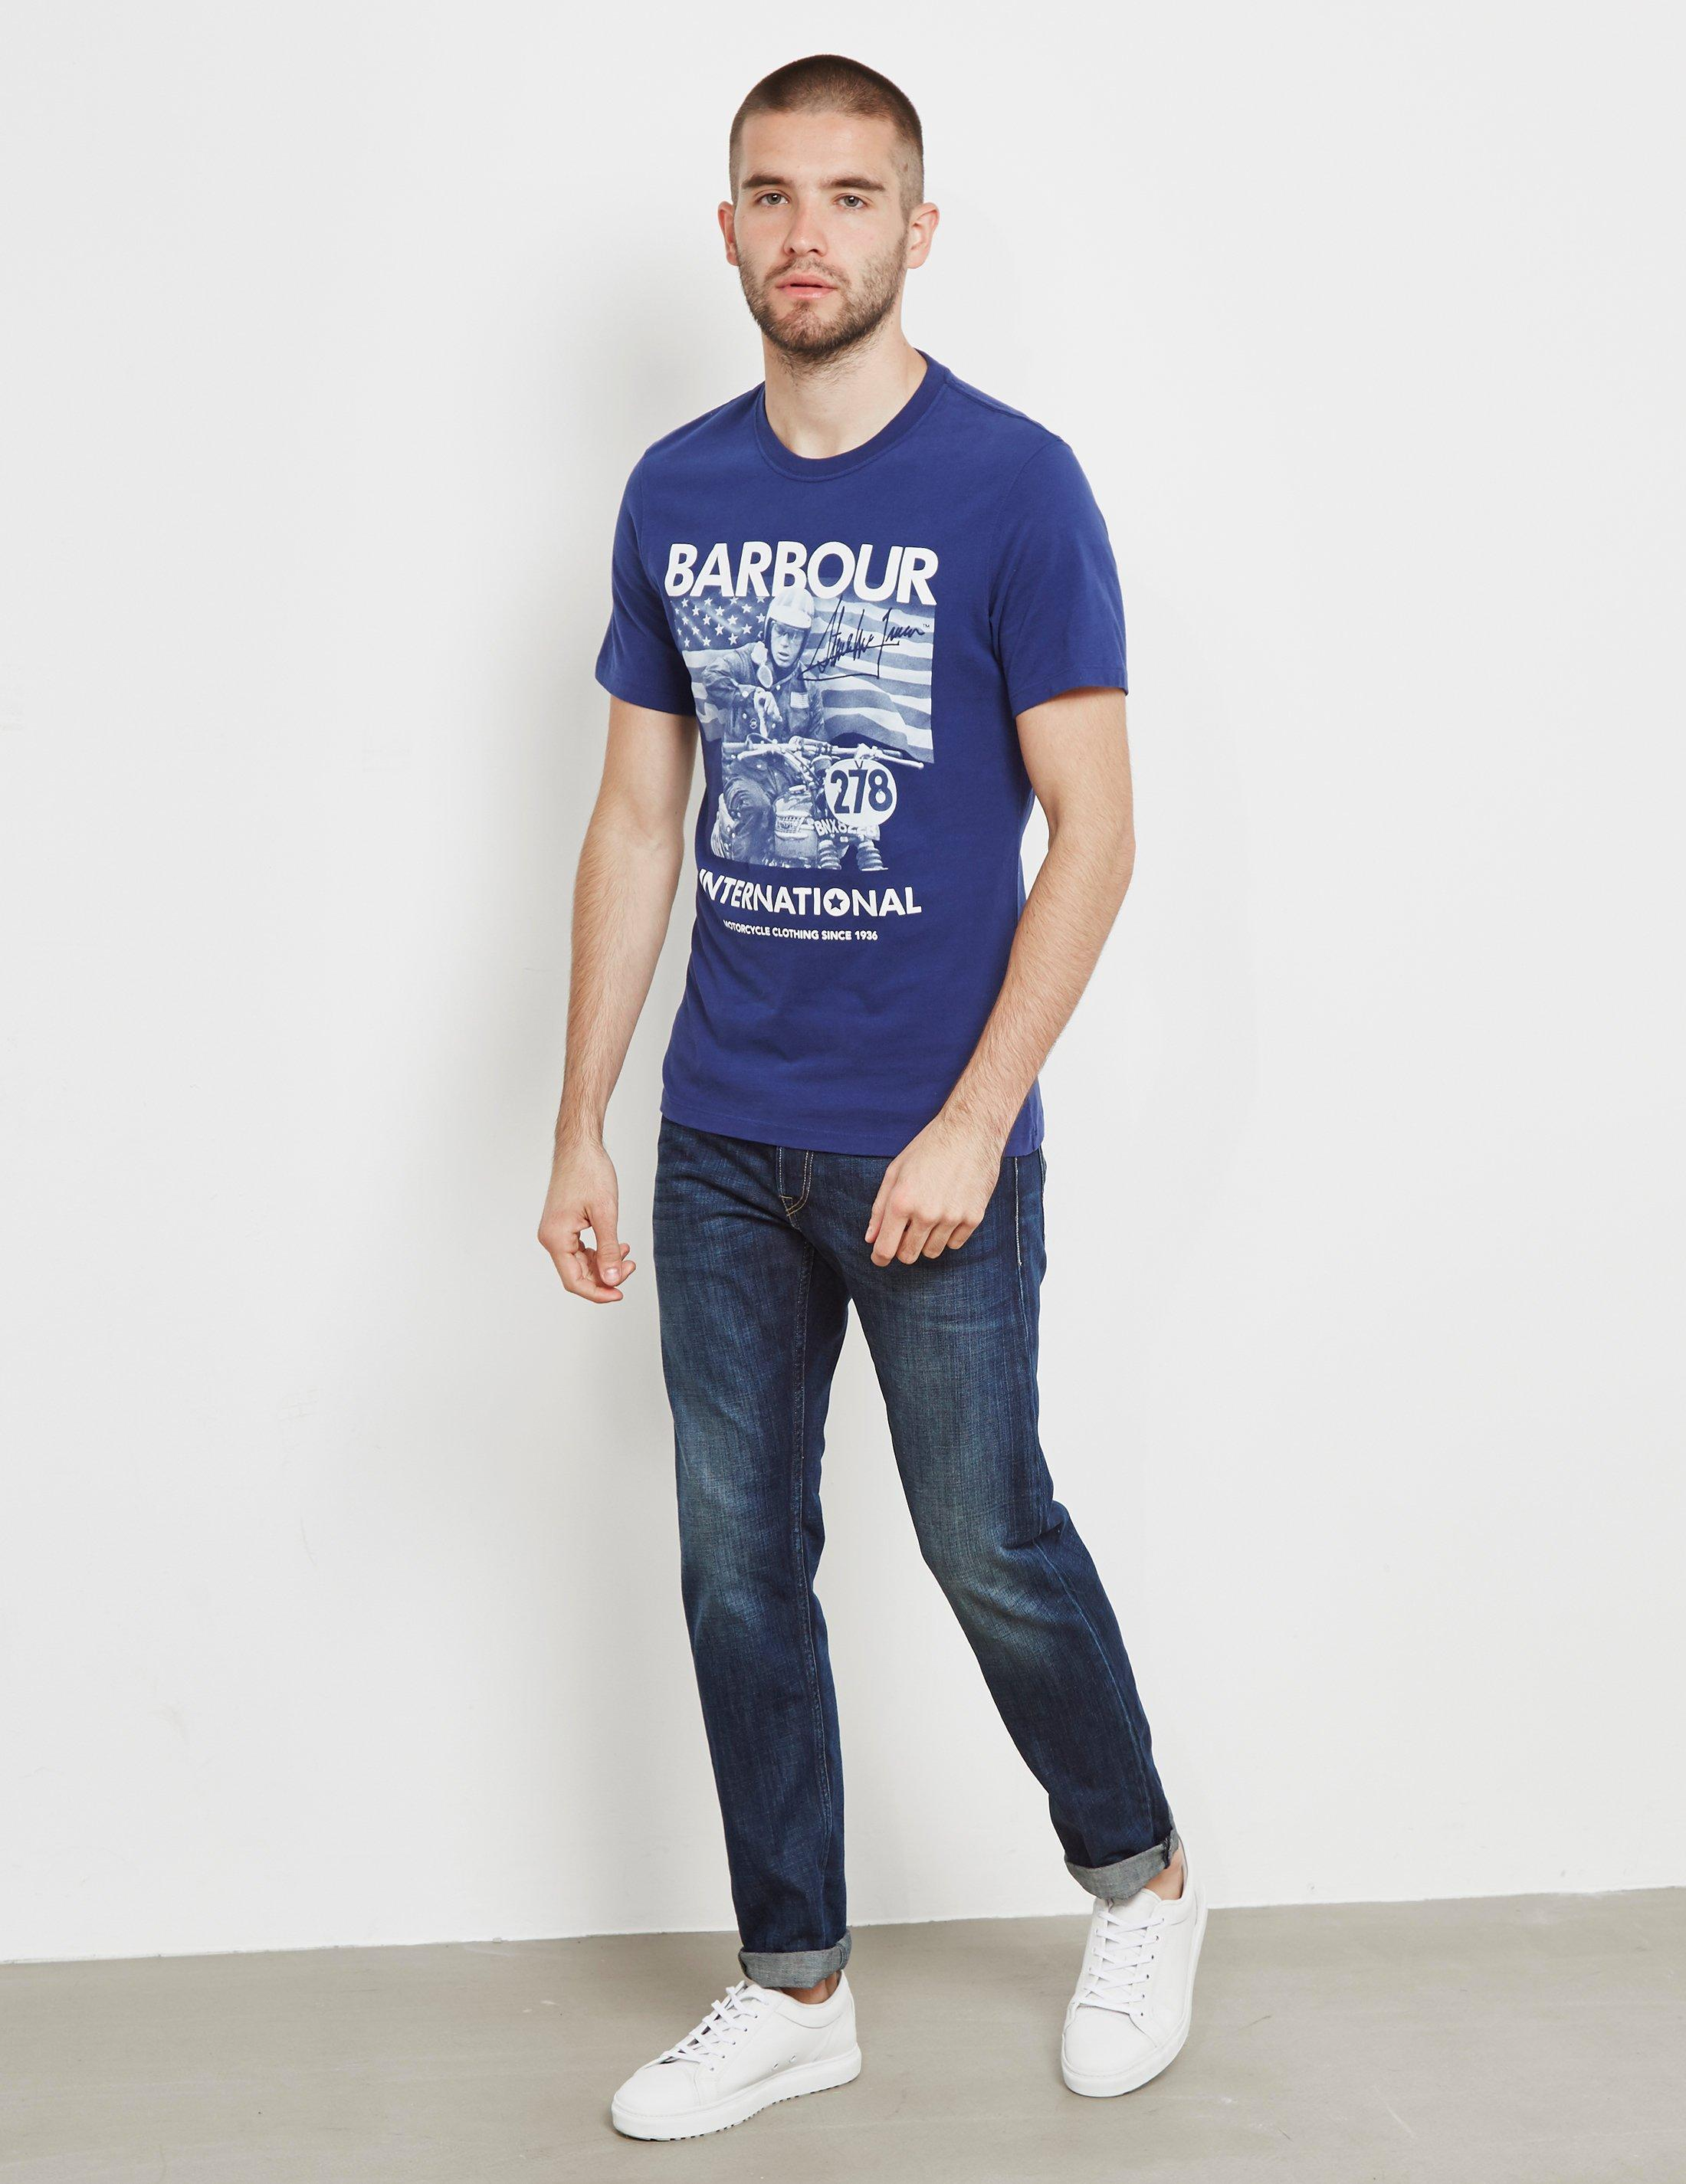 e98c36cf441 Barbour Steve Mcqueen Short Sleeve T-shirt in Blue for Men - Save 68% - Lyst